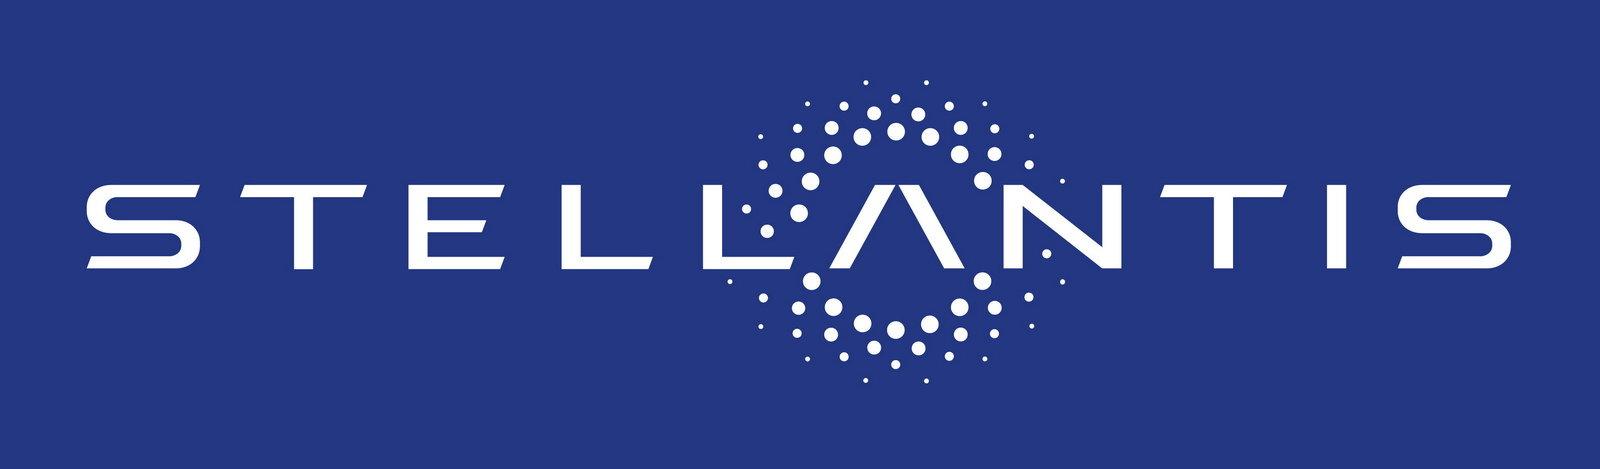 Logo Stellantis, nata dalla fusione tra Peugeot e Fiat